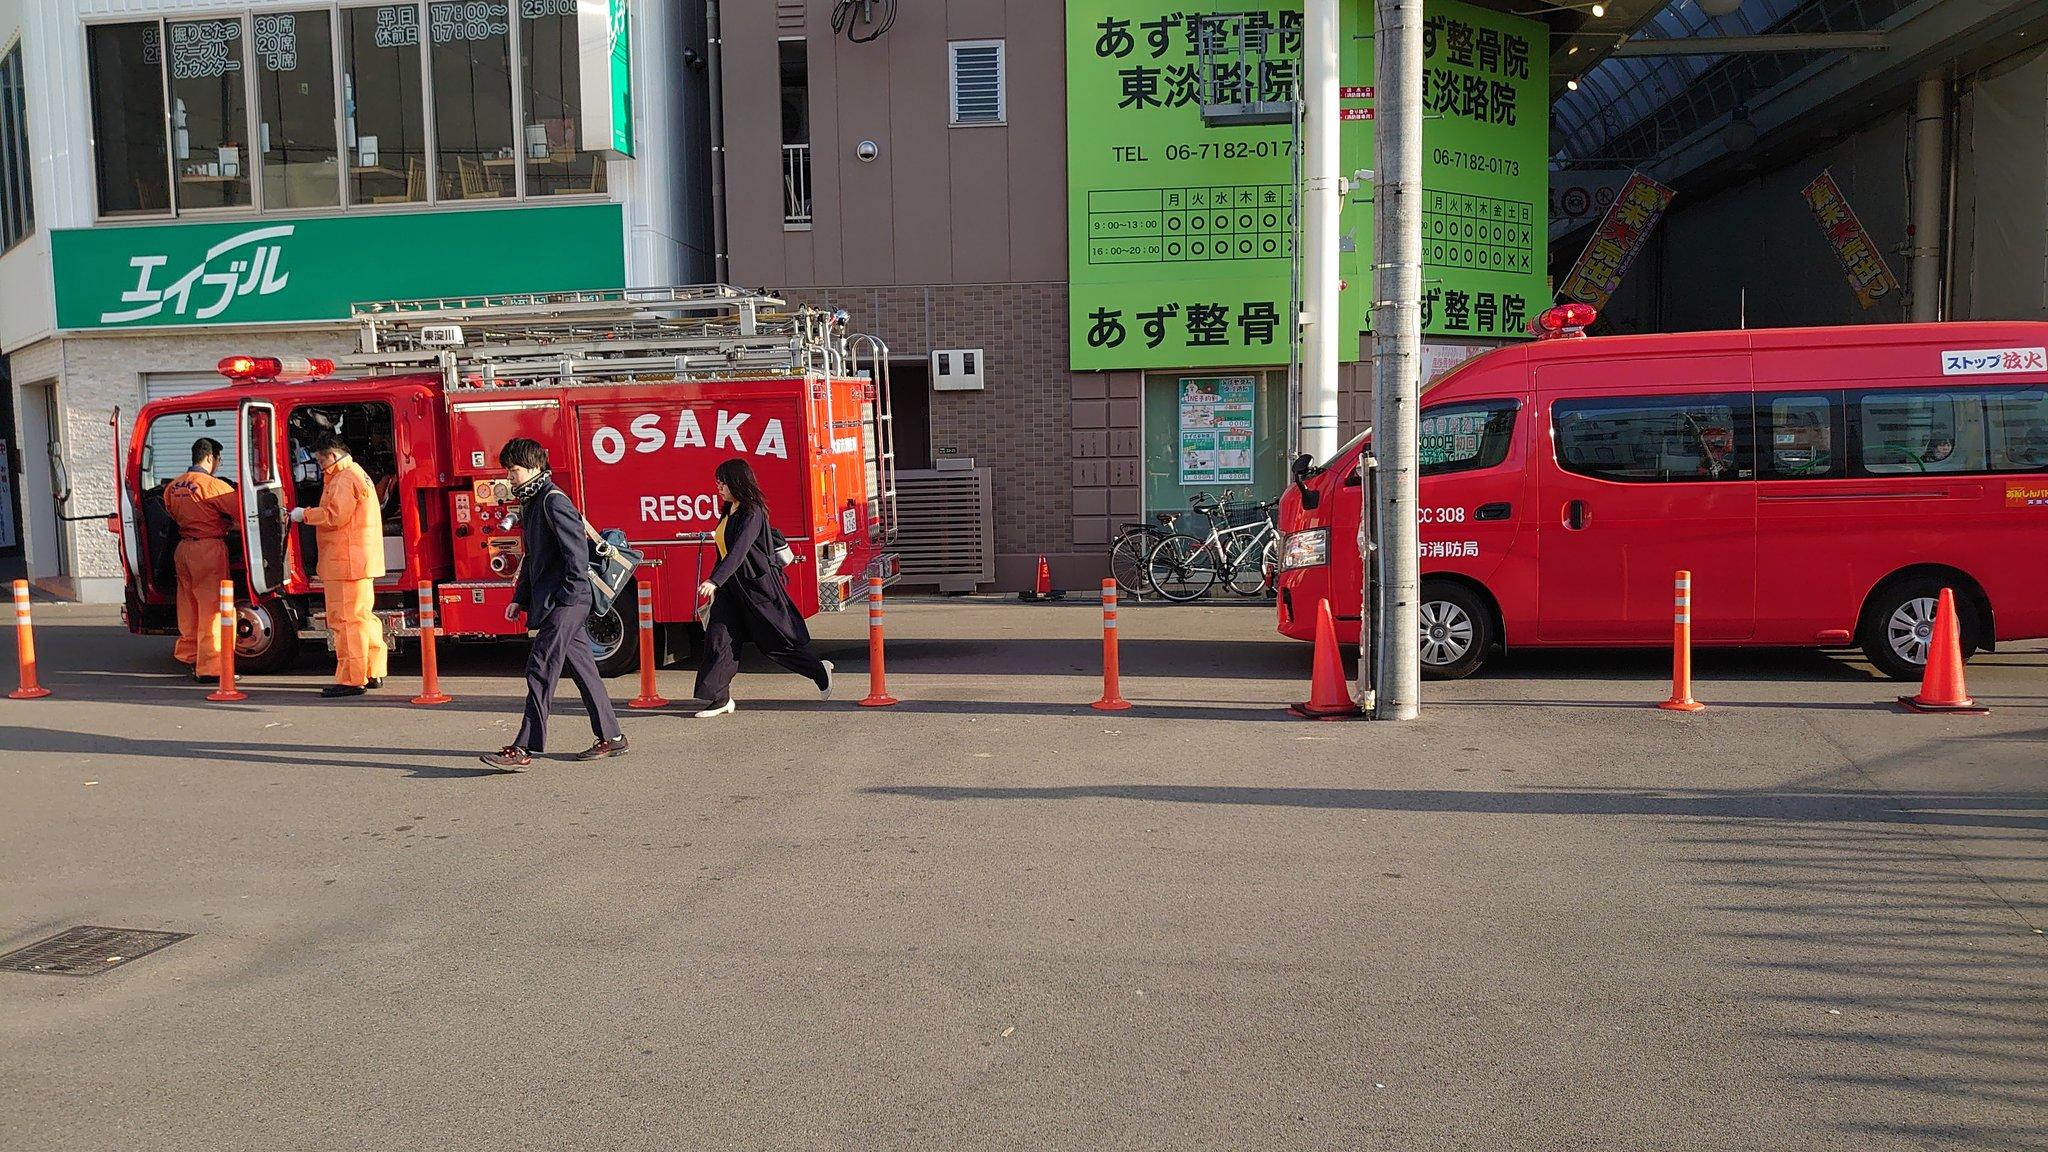 阪急京都線の淡路駅の人身事故で緊急車両が集結している現場画像